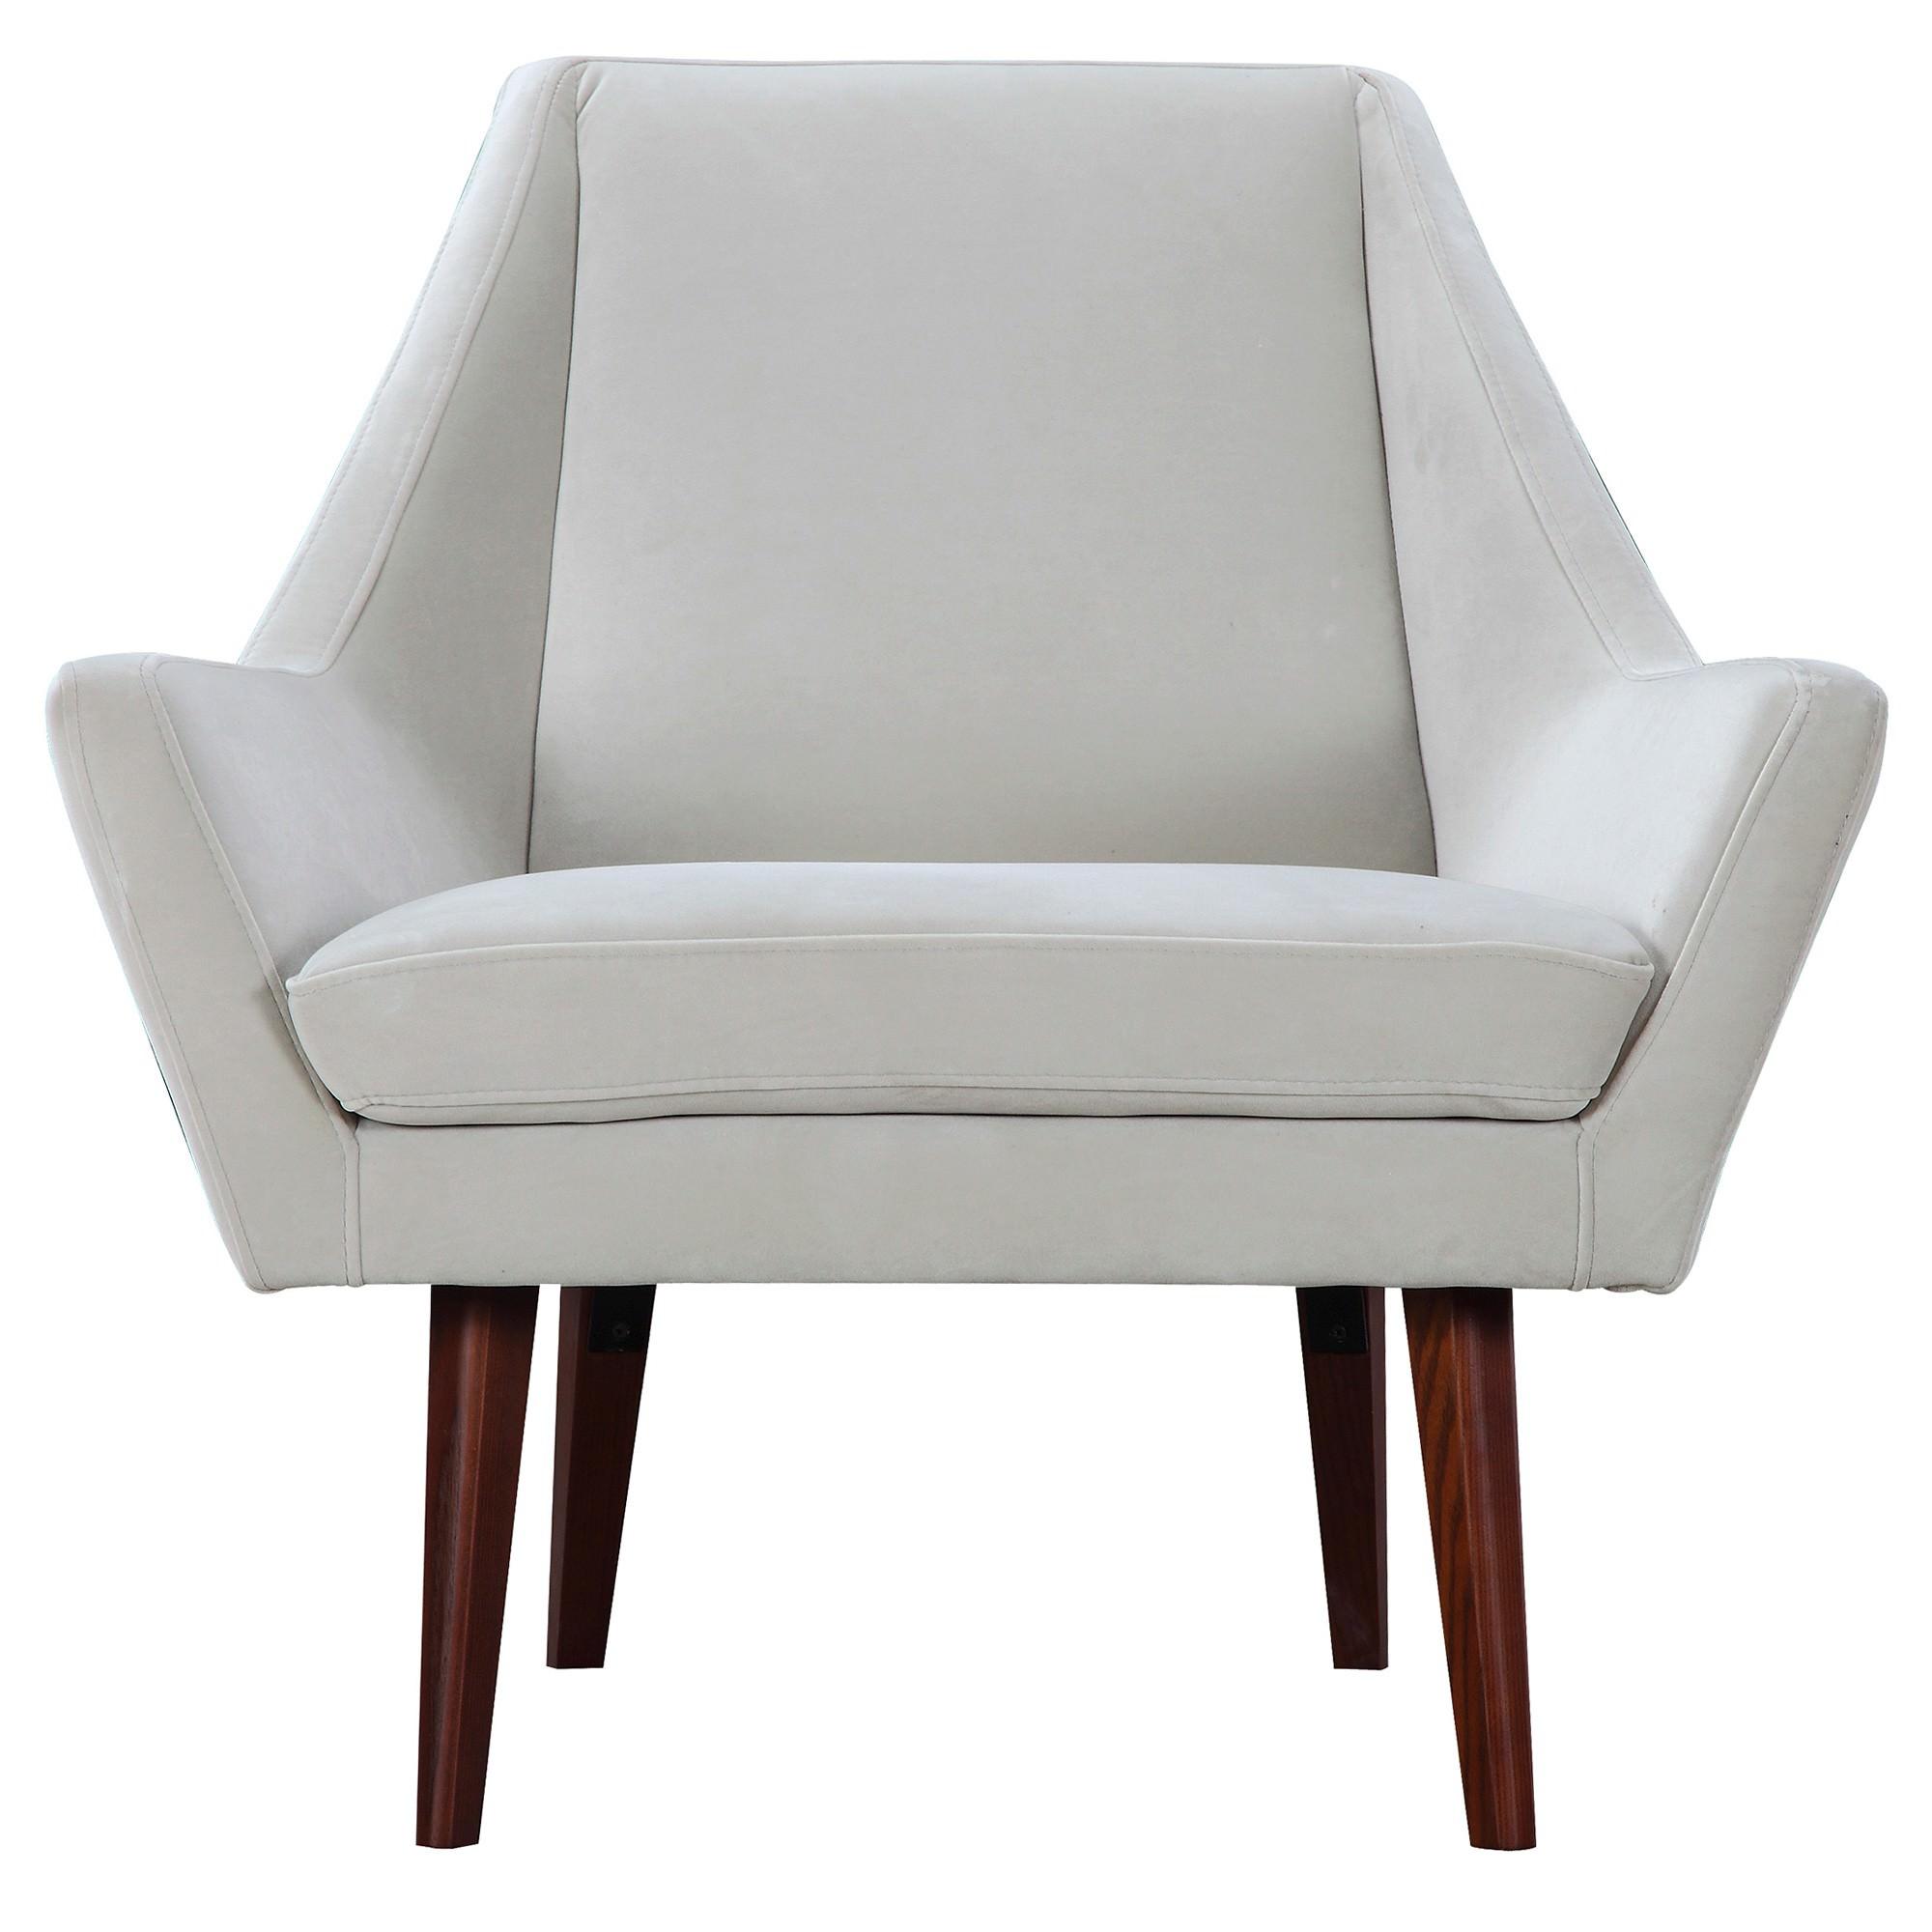 Olefy Fabric Armchair, Mink